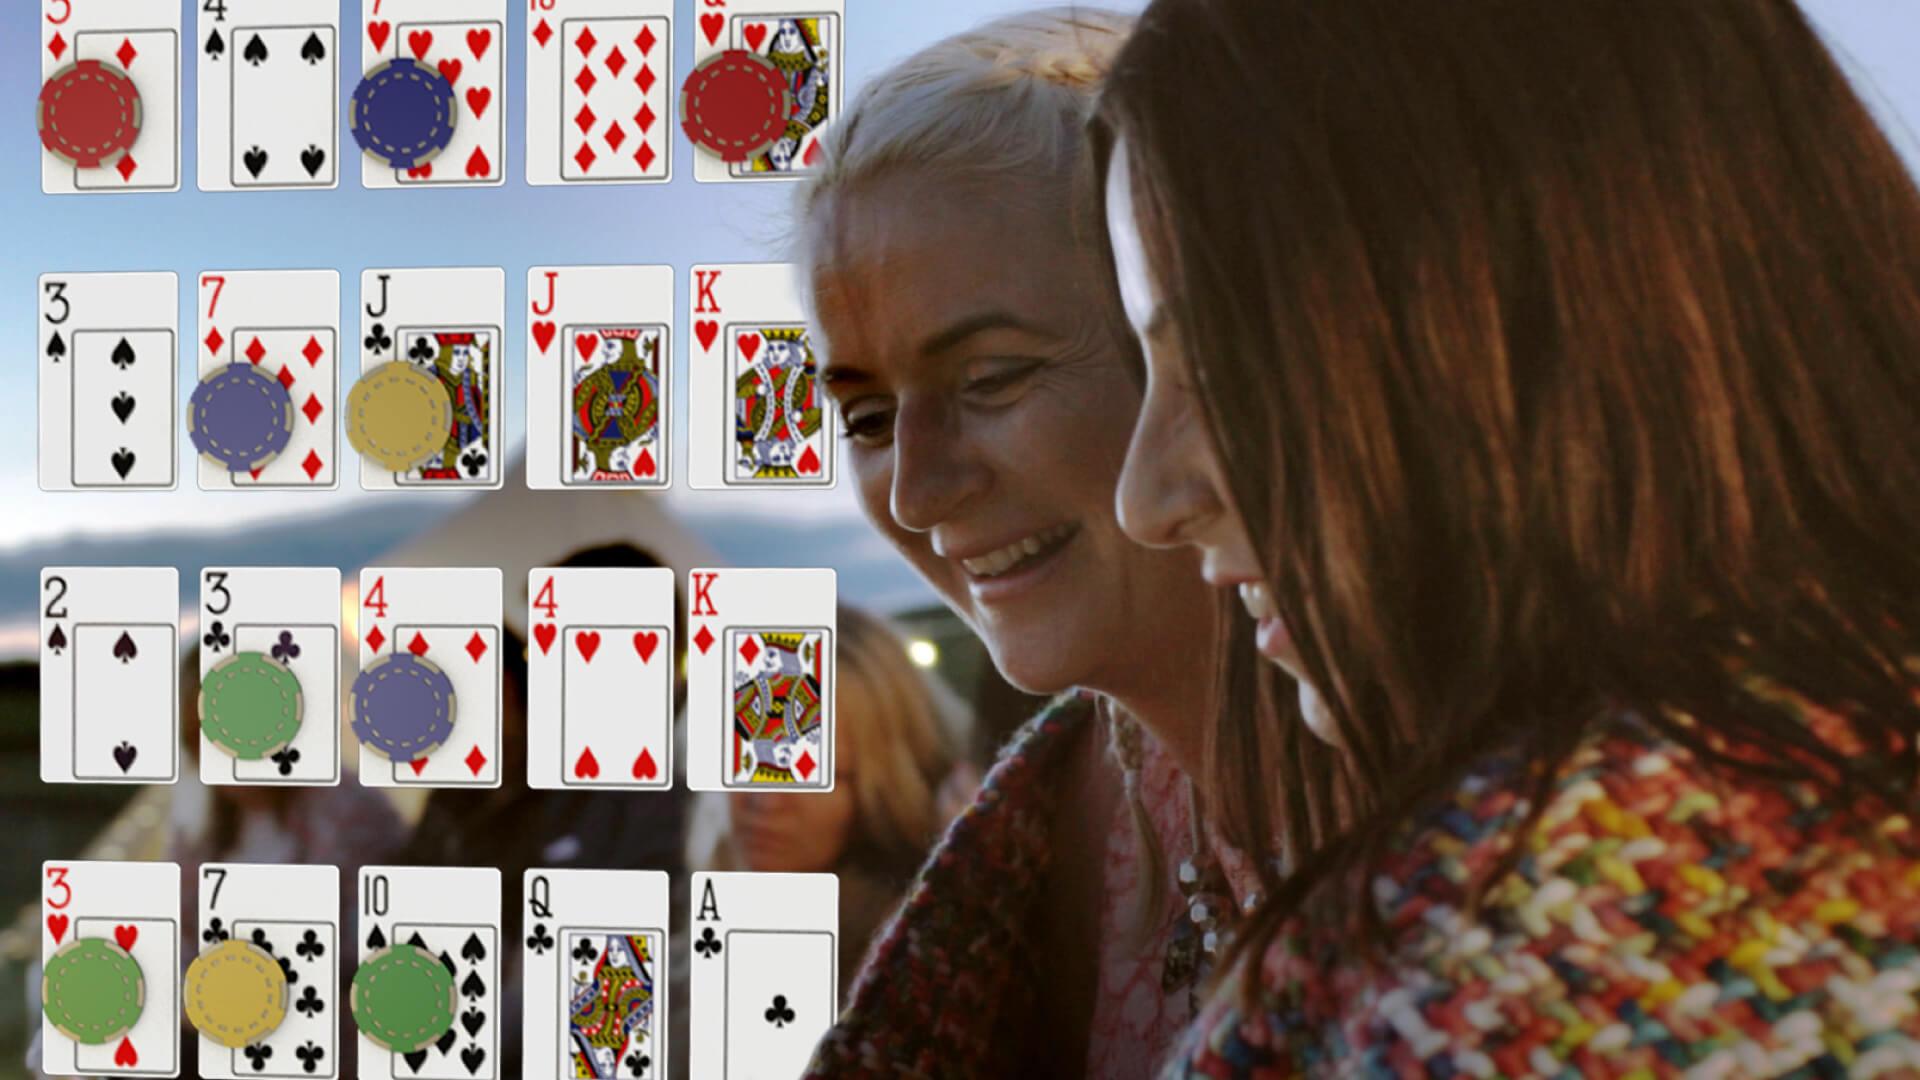 game-header-image